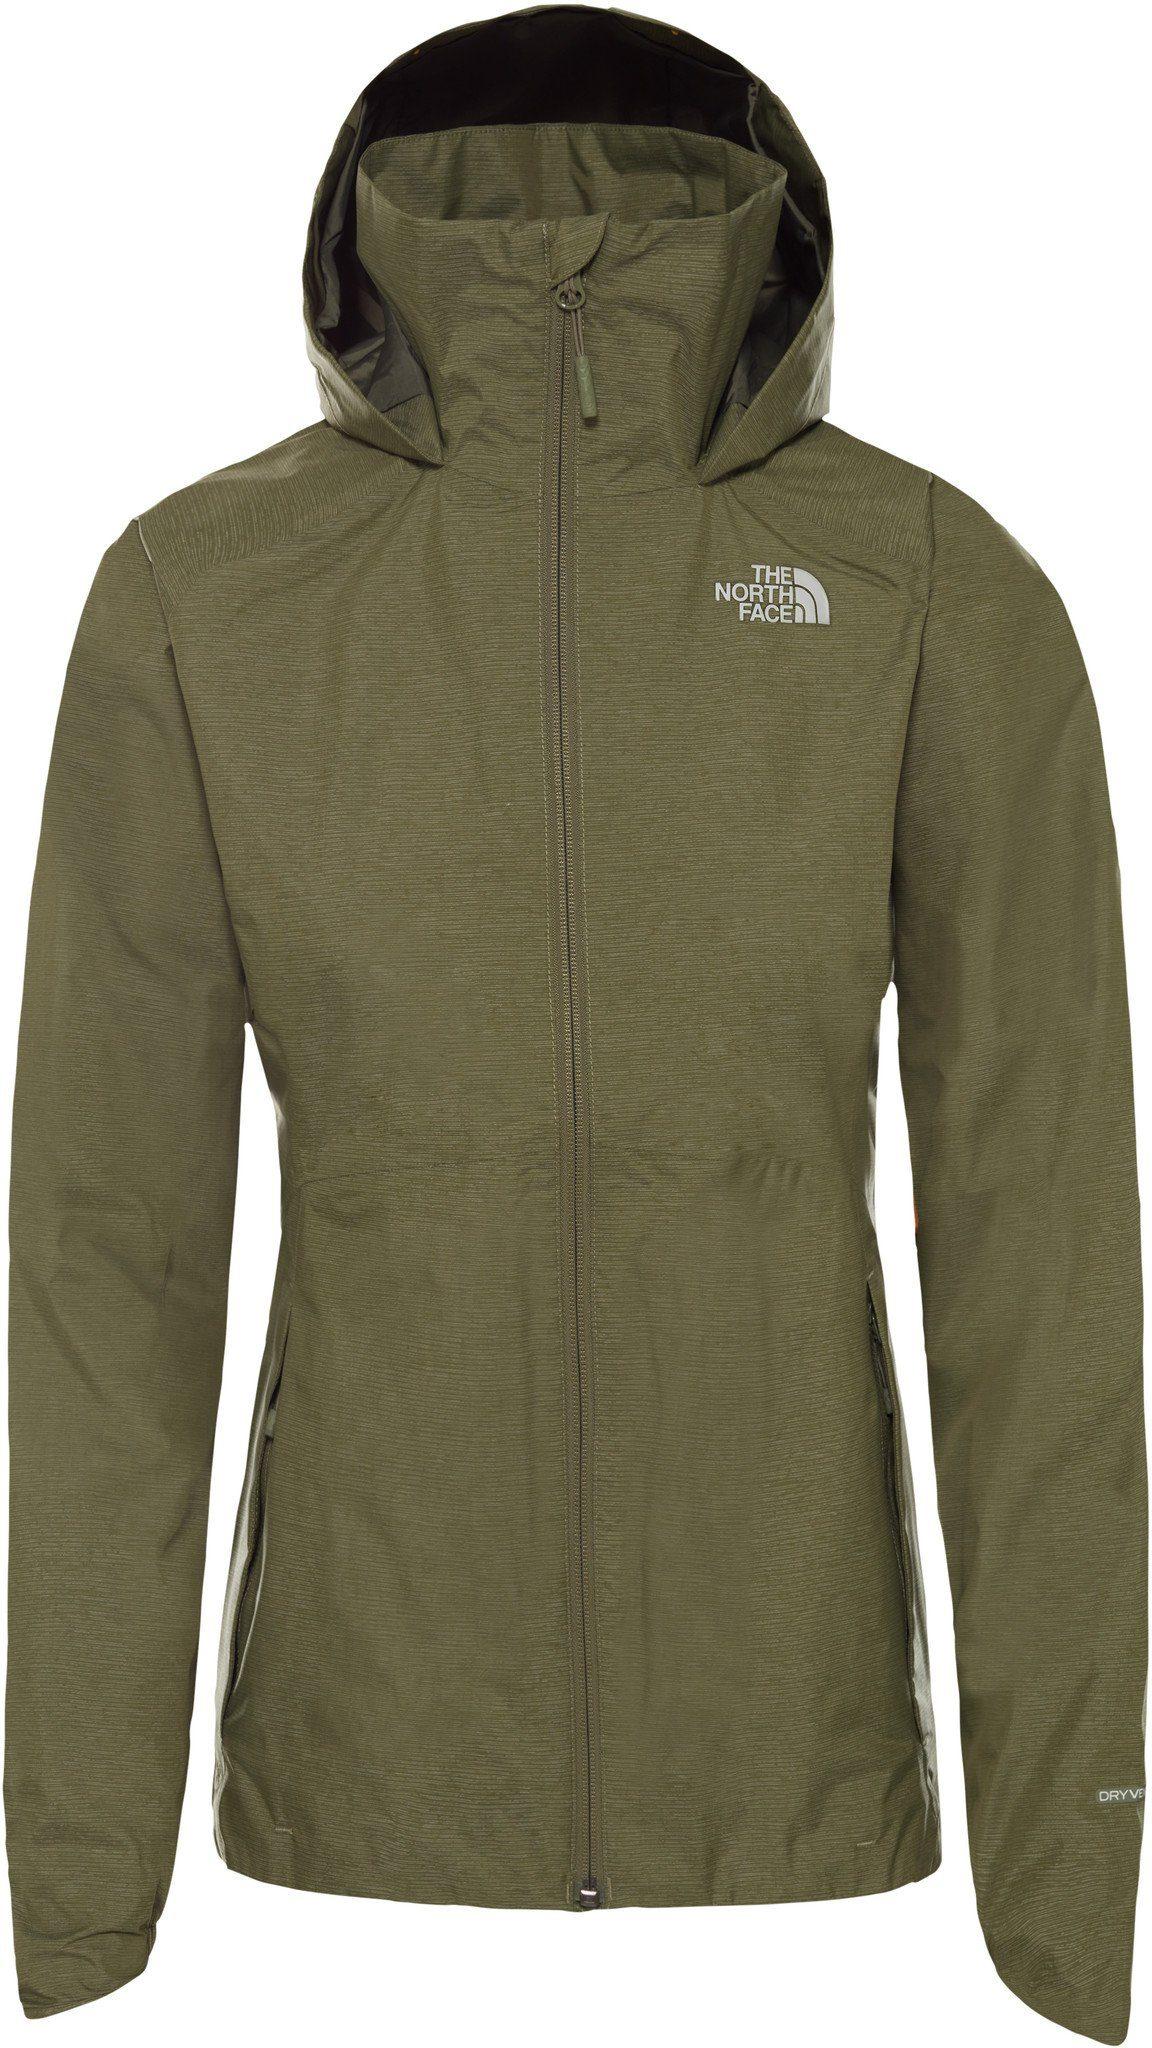 The North Face Outdoorjacke »Inlux Dryvent Jacket Women« online kaufen   OTTO